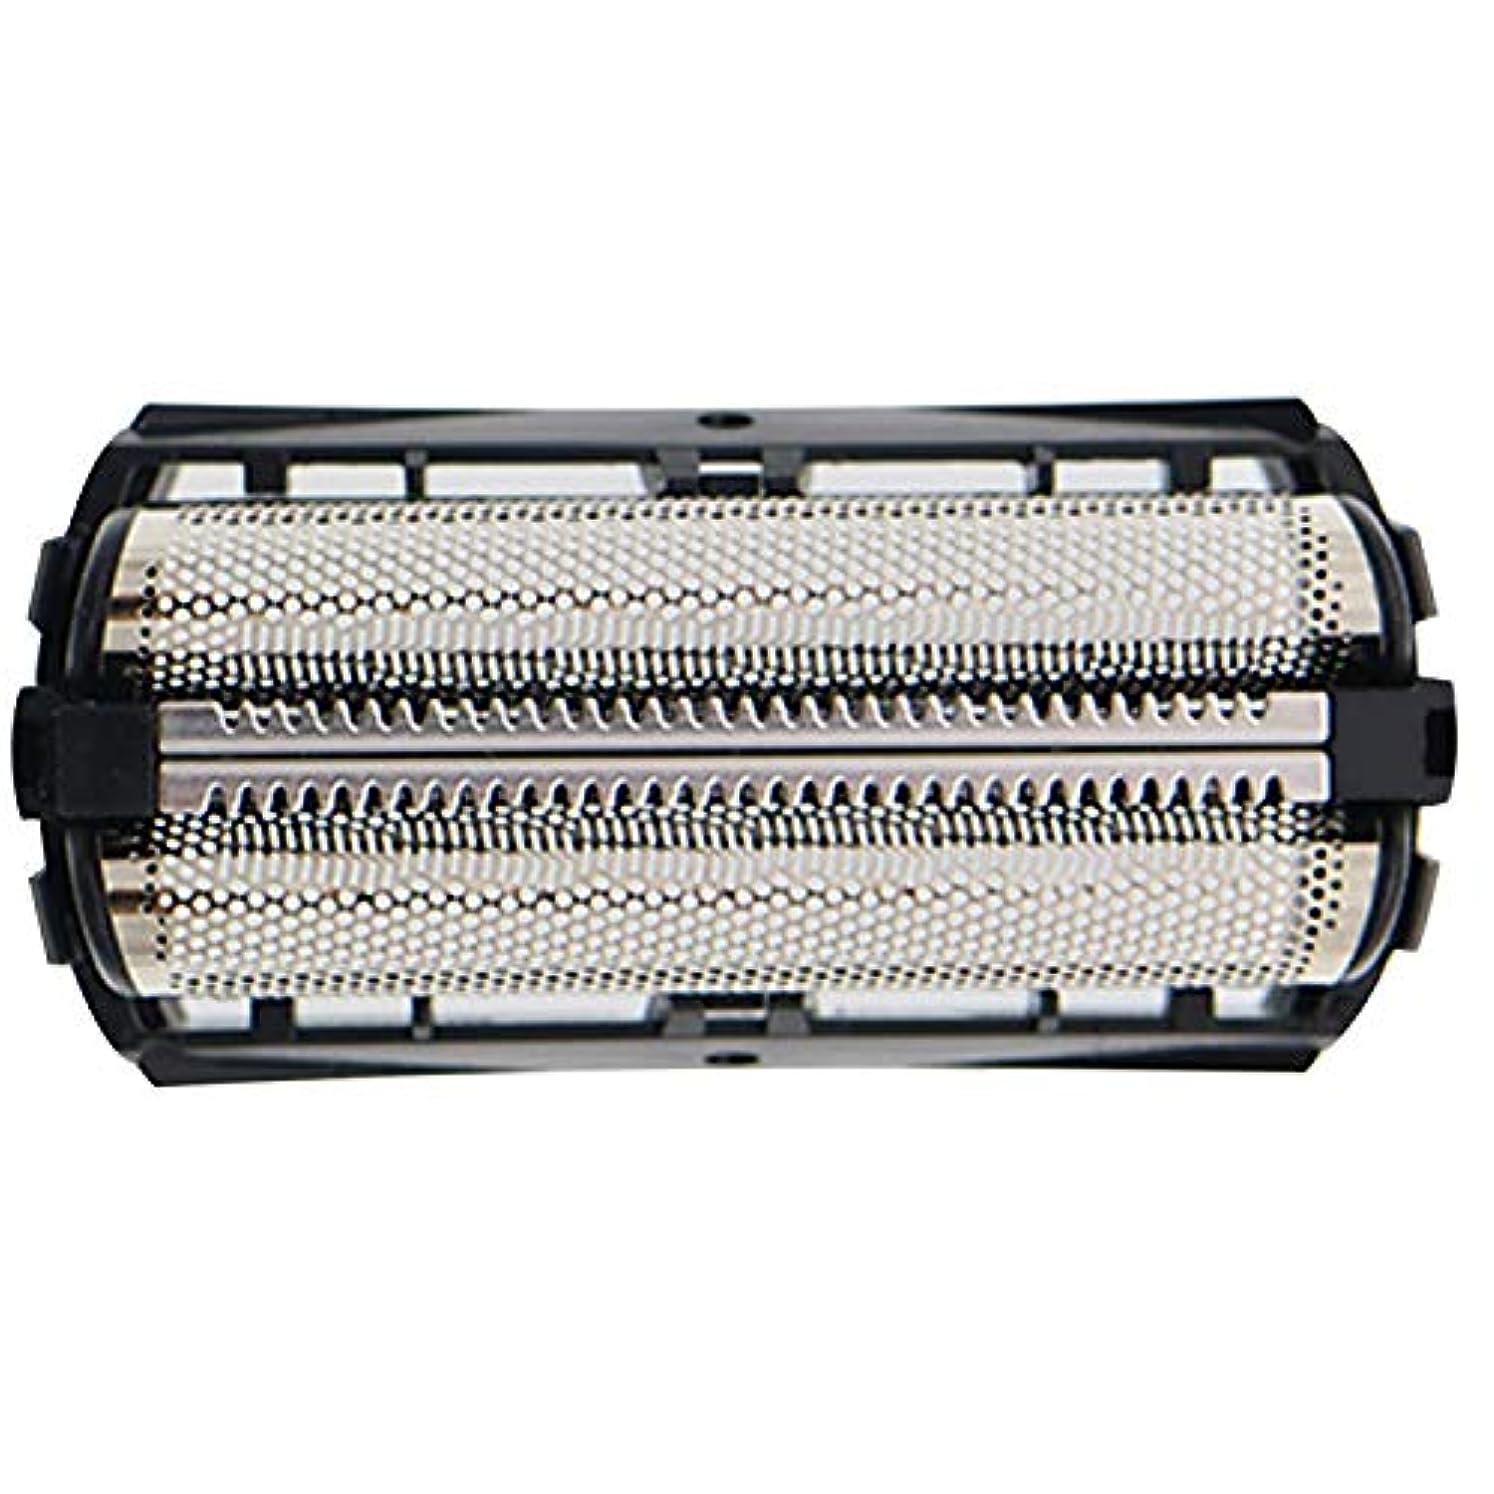 新しい意味二十シャックルWyFun シェーバー替刃 適用 フィリップスQC5550用交換シェーバーフォイル/カッターユニットシェーバーヘッドQC5580メンズトリマー用回転ブレード